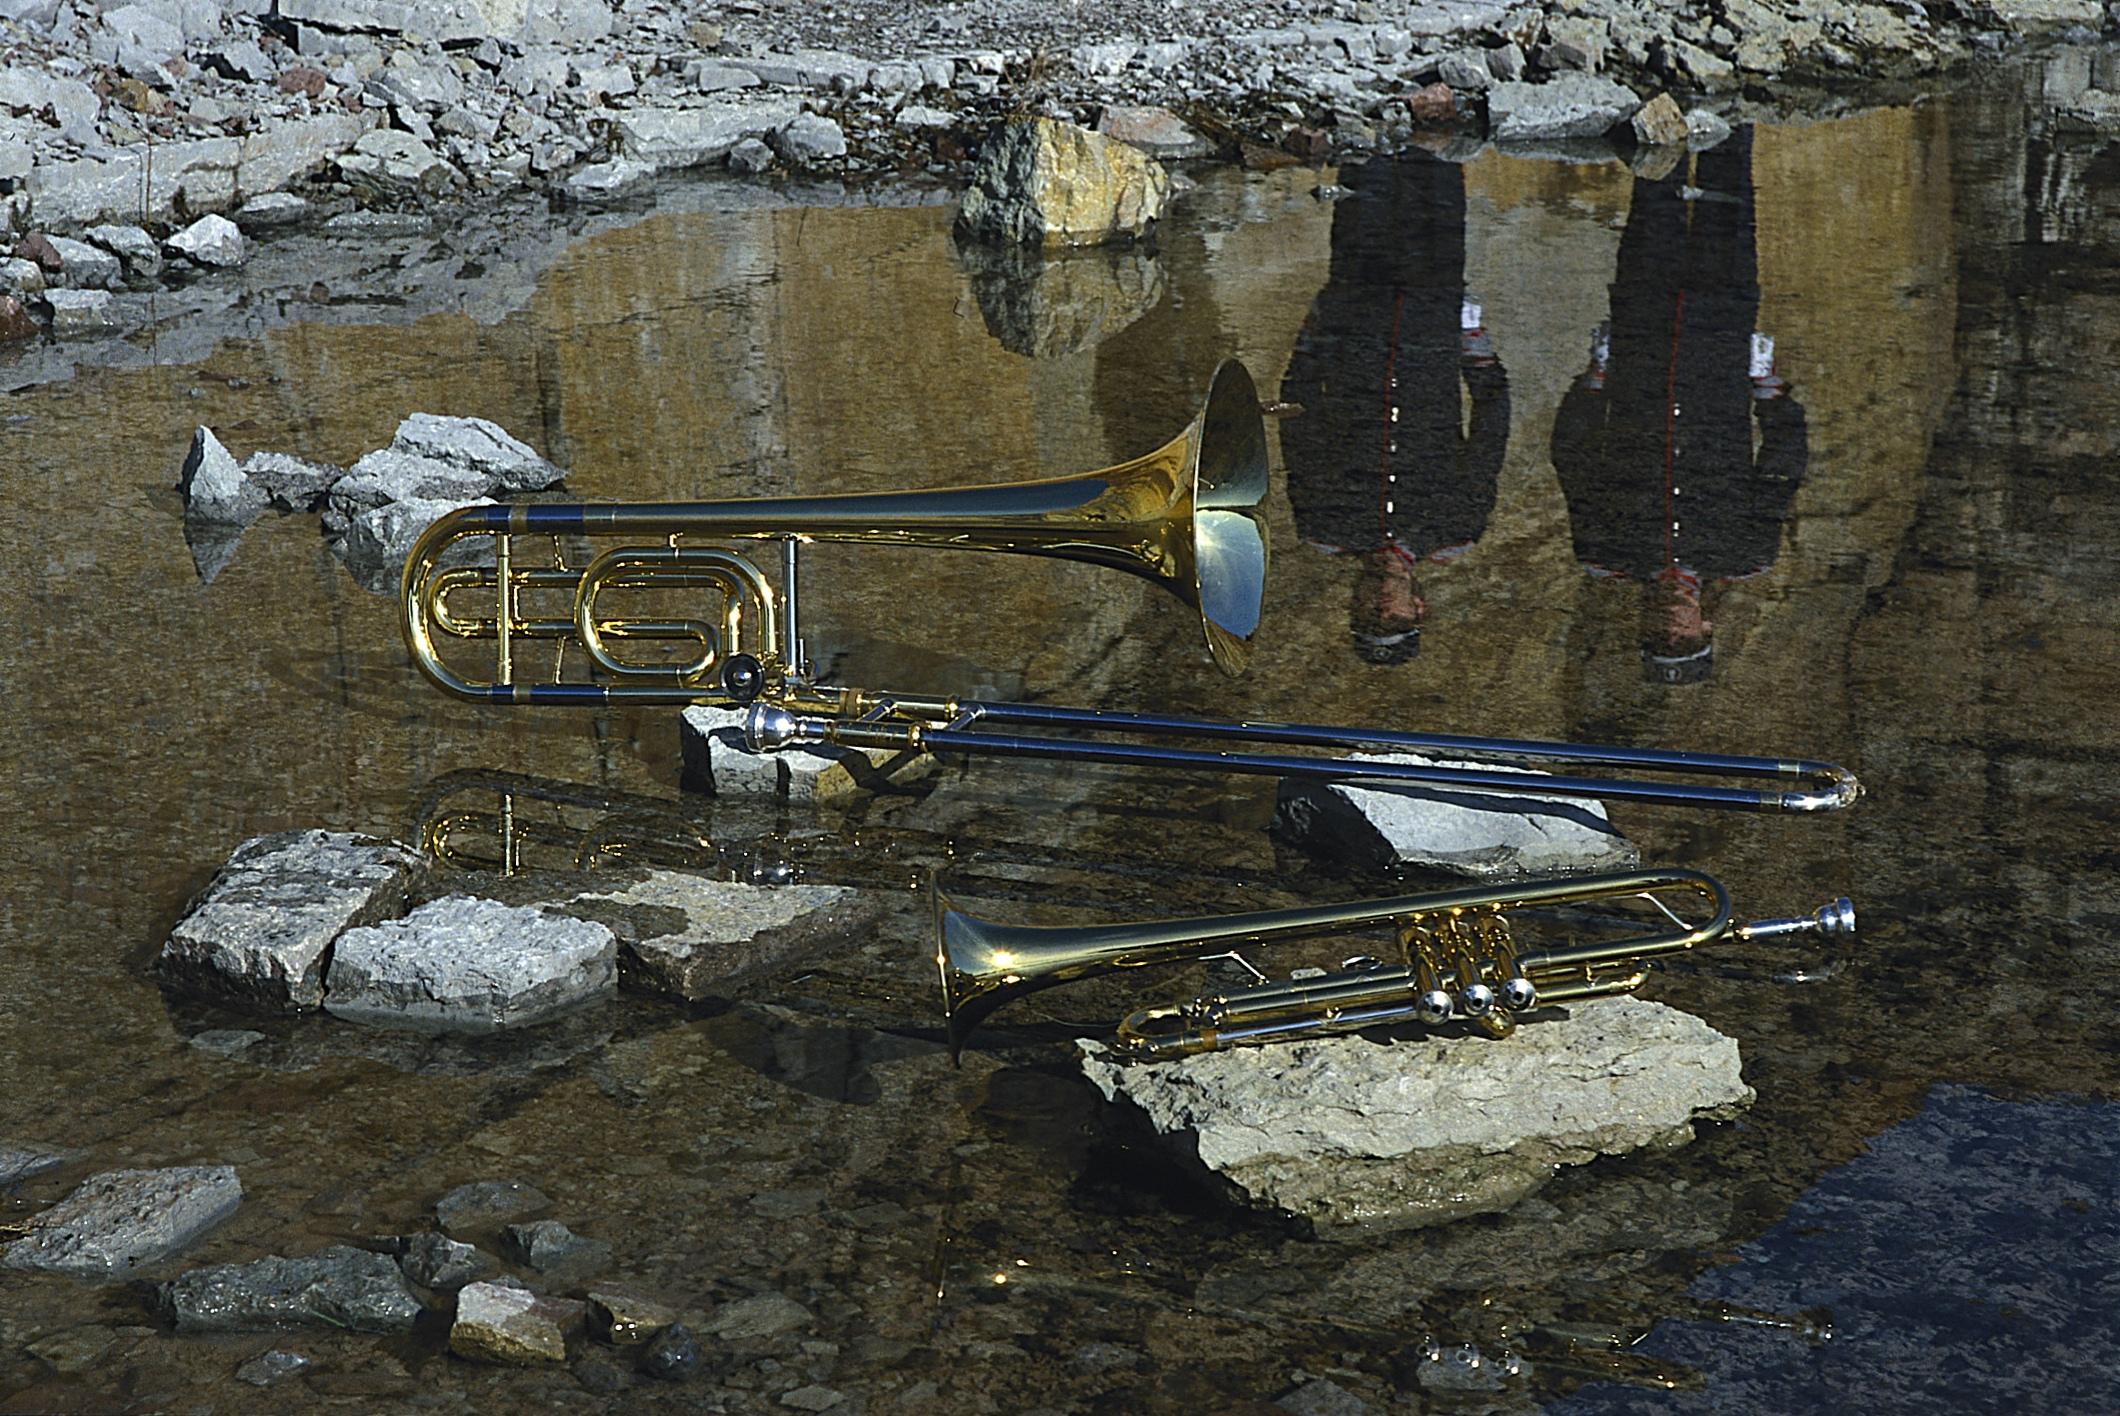 kalkbrottet 2004